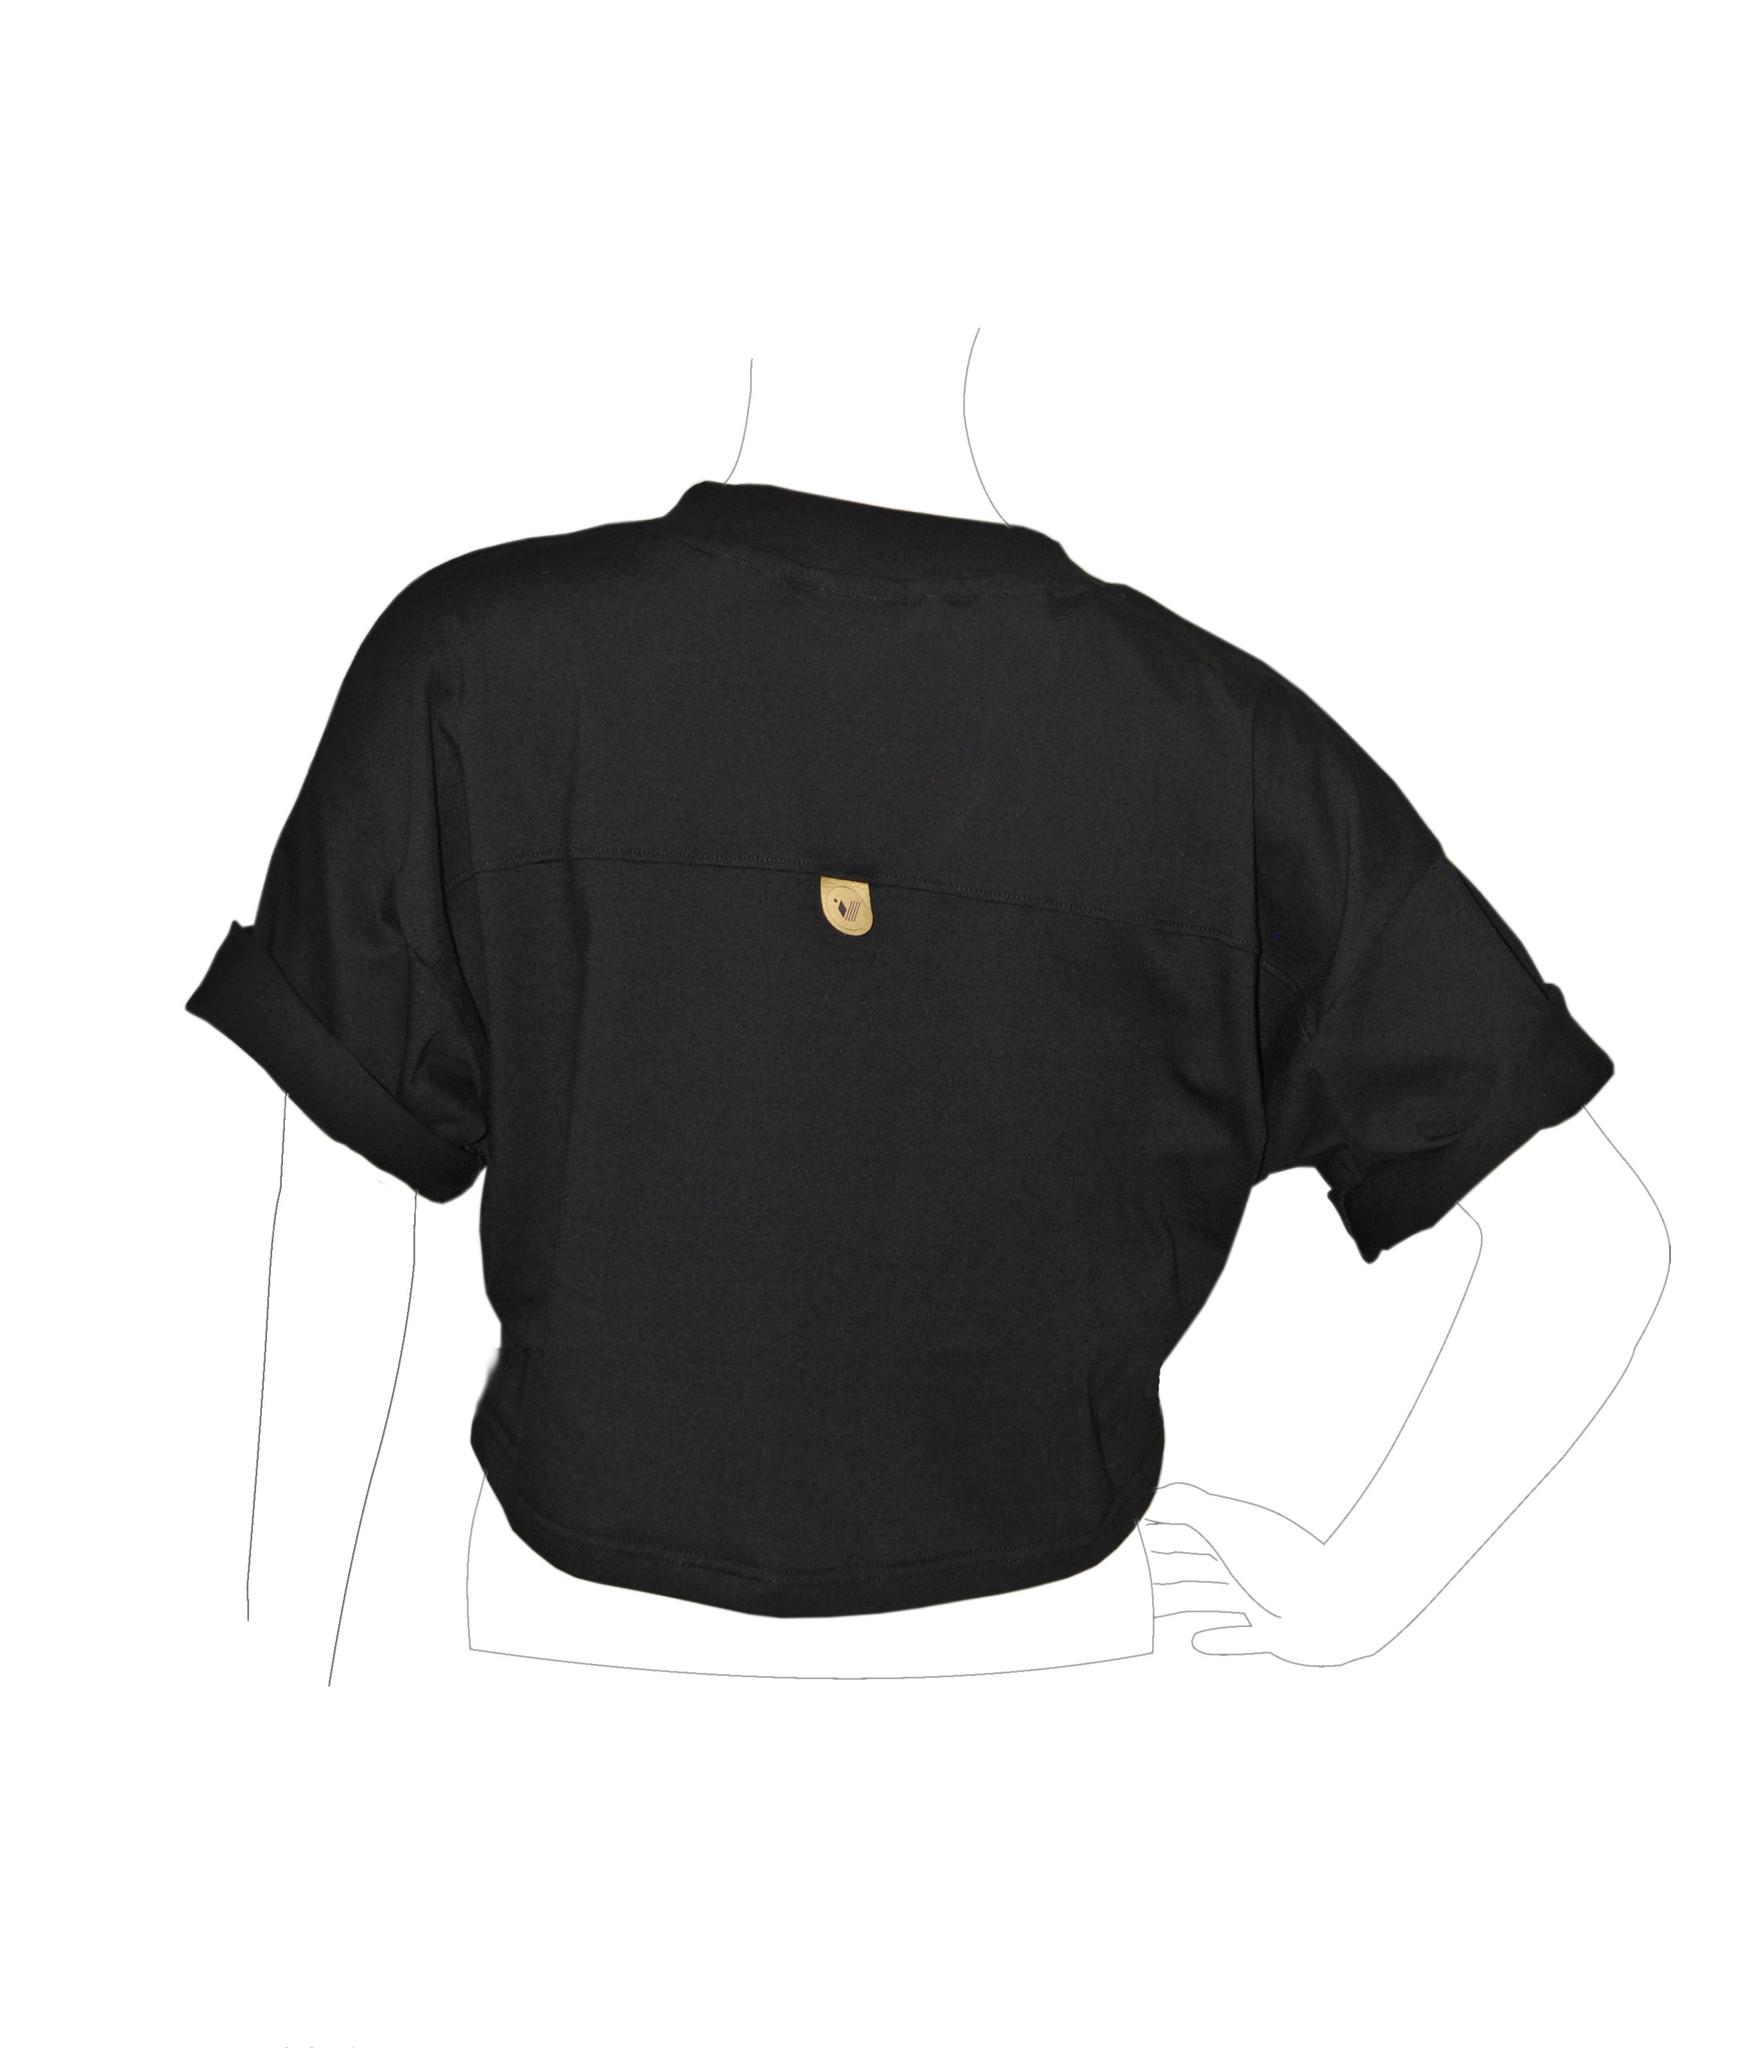 JESTEM T SHIRTEM OVERSIZE : noszę się luźno podwijam rękawy MÓJ SKŁAD : 100 solidnej bawełny 180g m² produkowanej w Polsce oryginalny haft interpretacja wzoru należy do Ciebie : zewnętrzne metka z logo na plecach ekoskóra wypalana laserowo żakardowa metka rozmiarowa wewnątrz na karku PRZEPIS NA WIECZNĄ MŁODOŚĆ pranie max 40°C najlepiej z podobnymi kolorami prasowanie niską temperaturą po lewej stronie tkaniny z dala od ognia